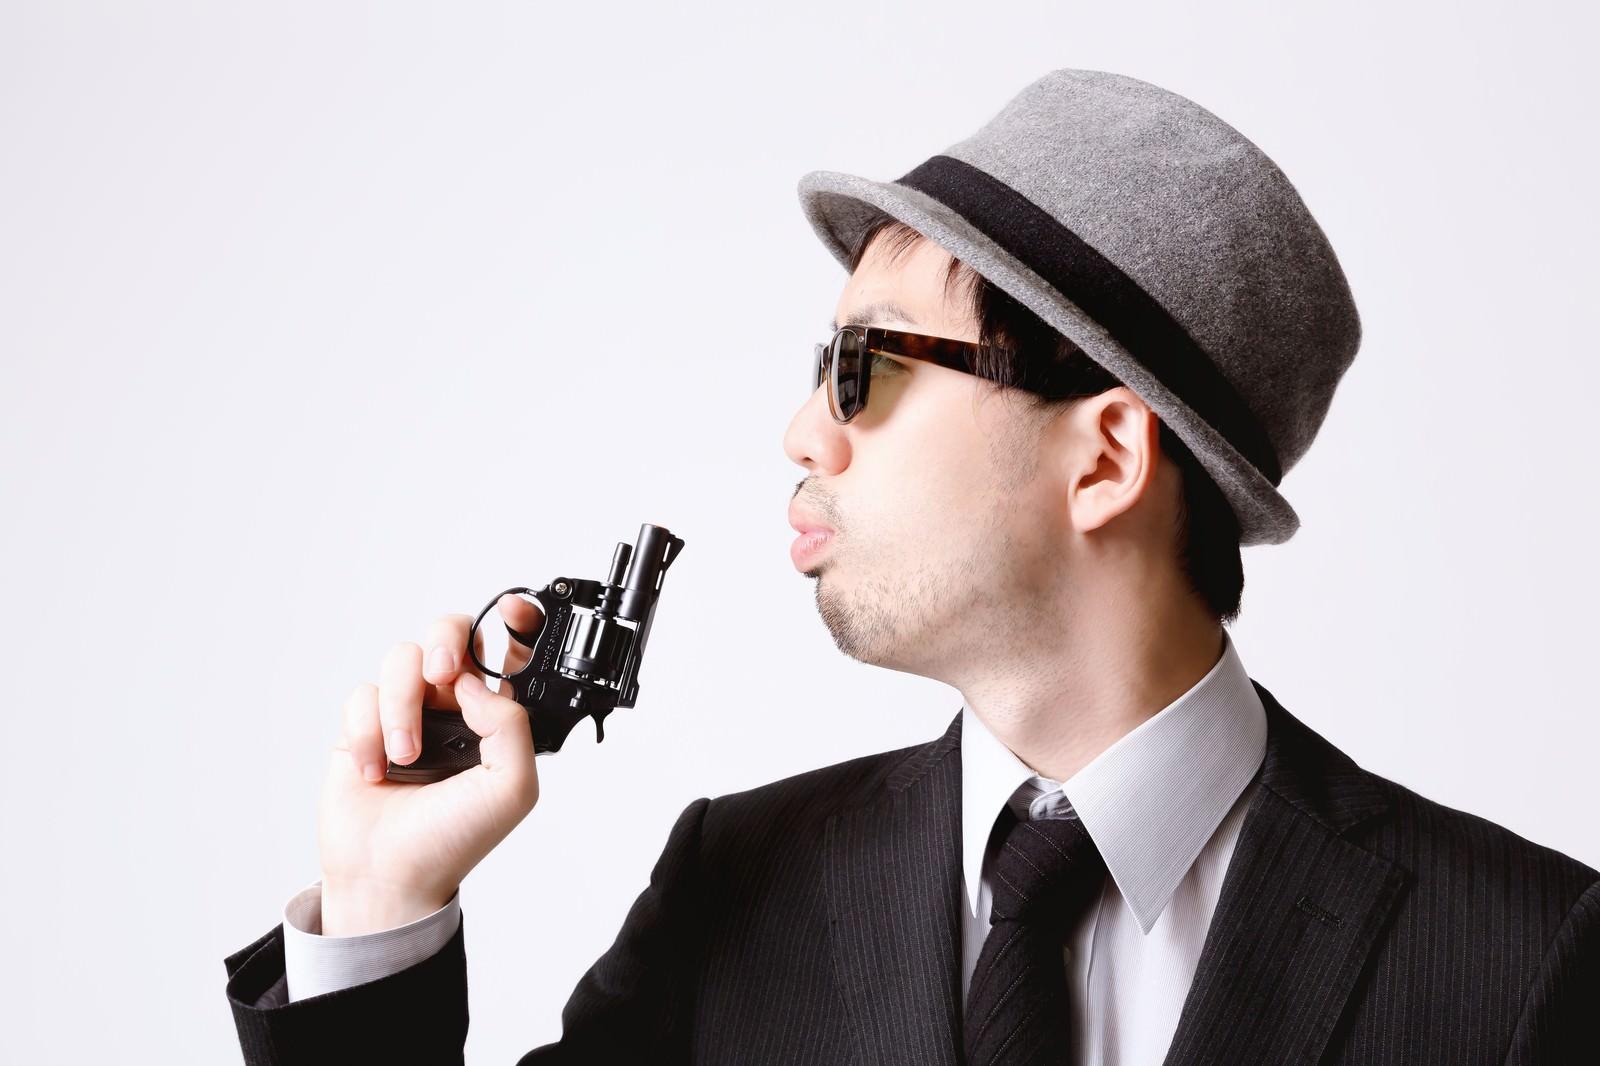 「拳銃の硝煙を吹き消すエージェント」の写真[モデル:ひろゆき]